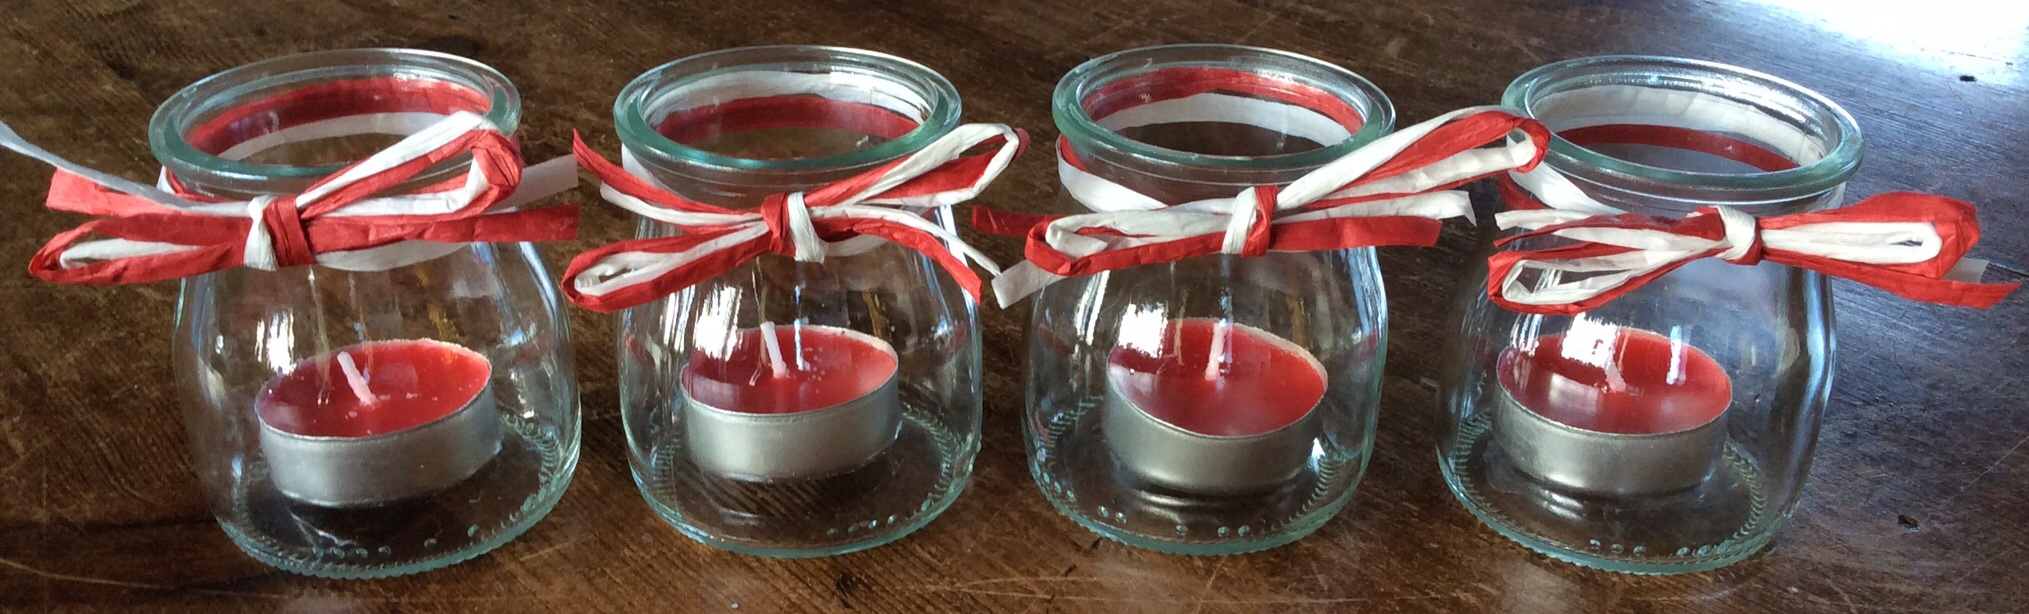 Tea light holders made from yoghurt jars.